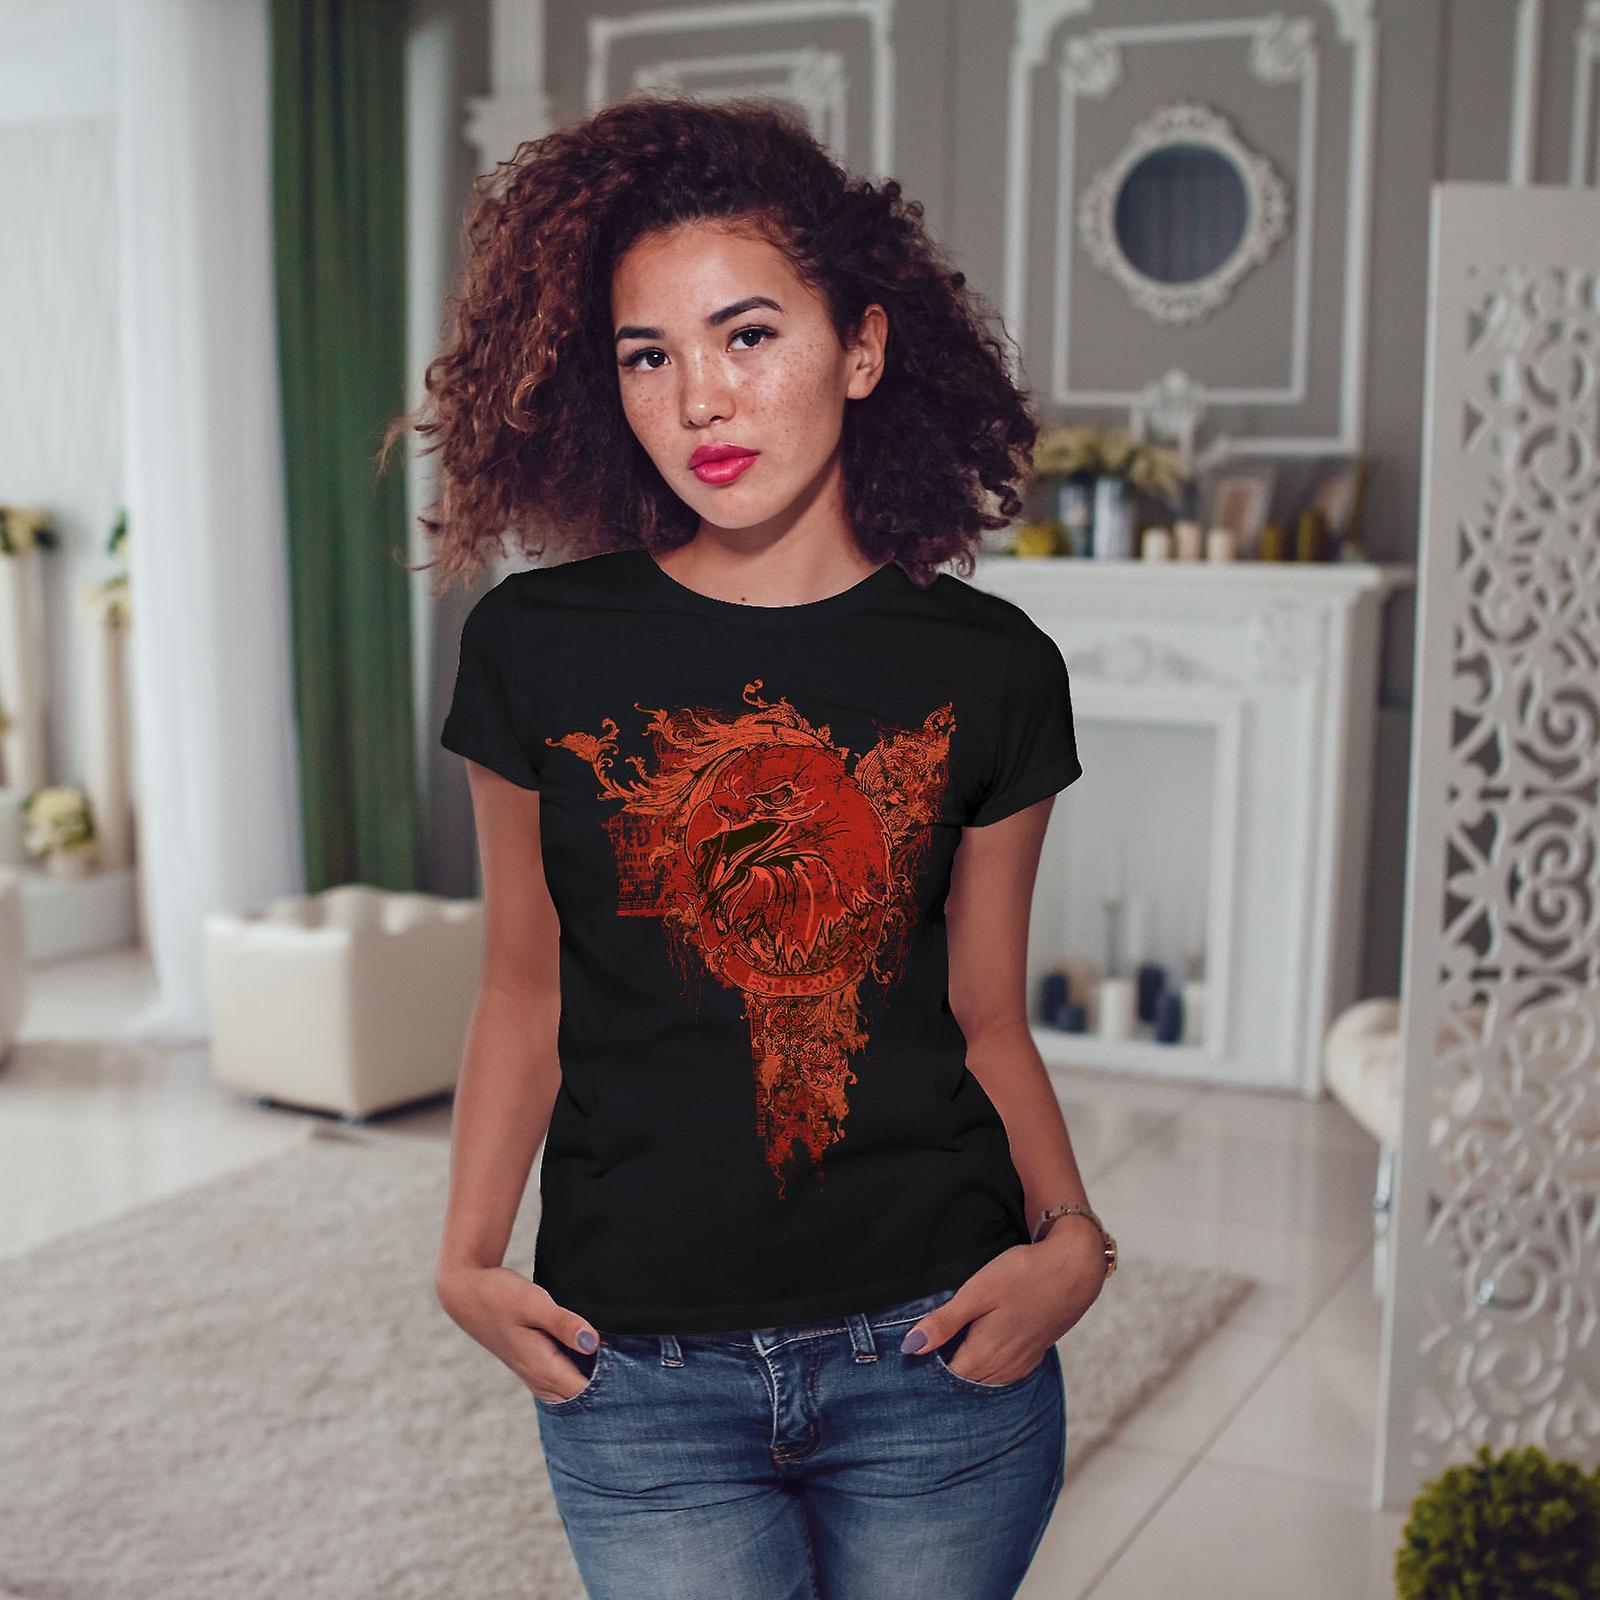 Grim Reaper mort BlackT-chemise femme | Wellcoda